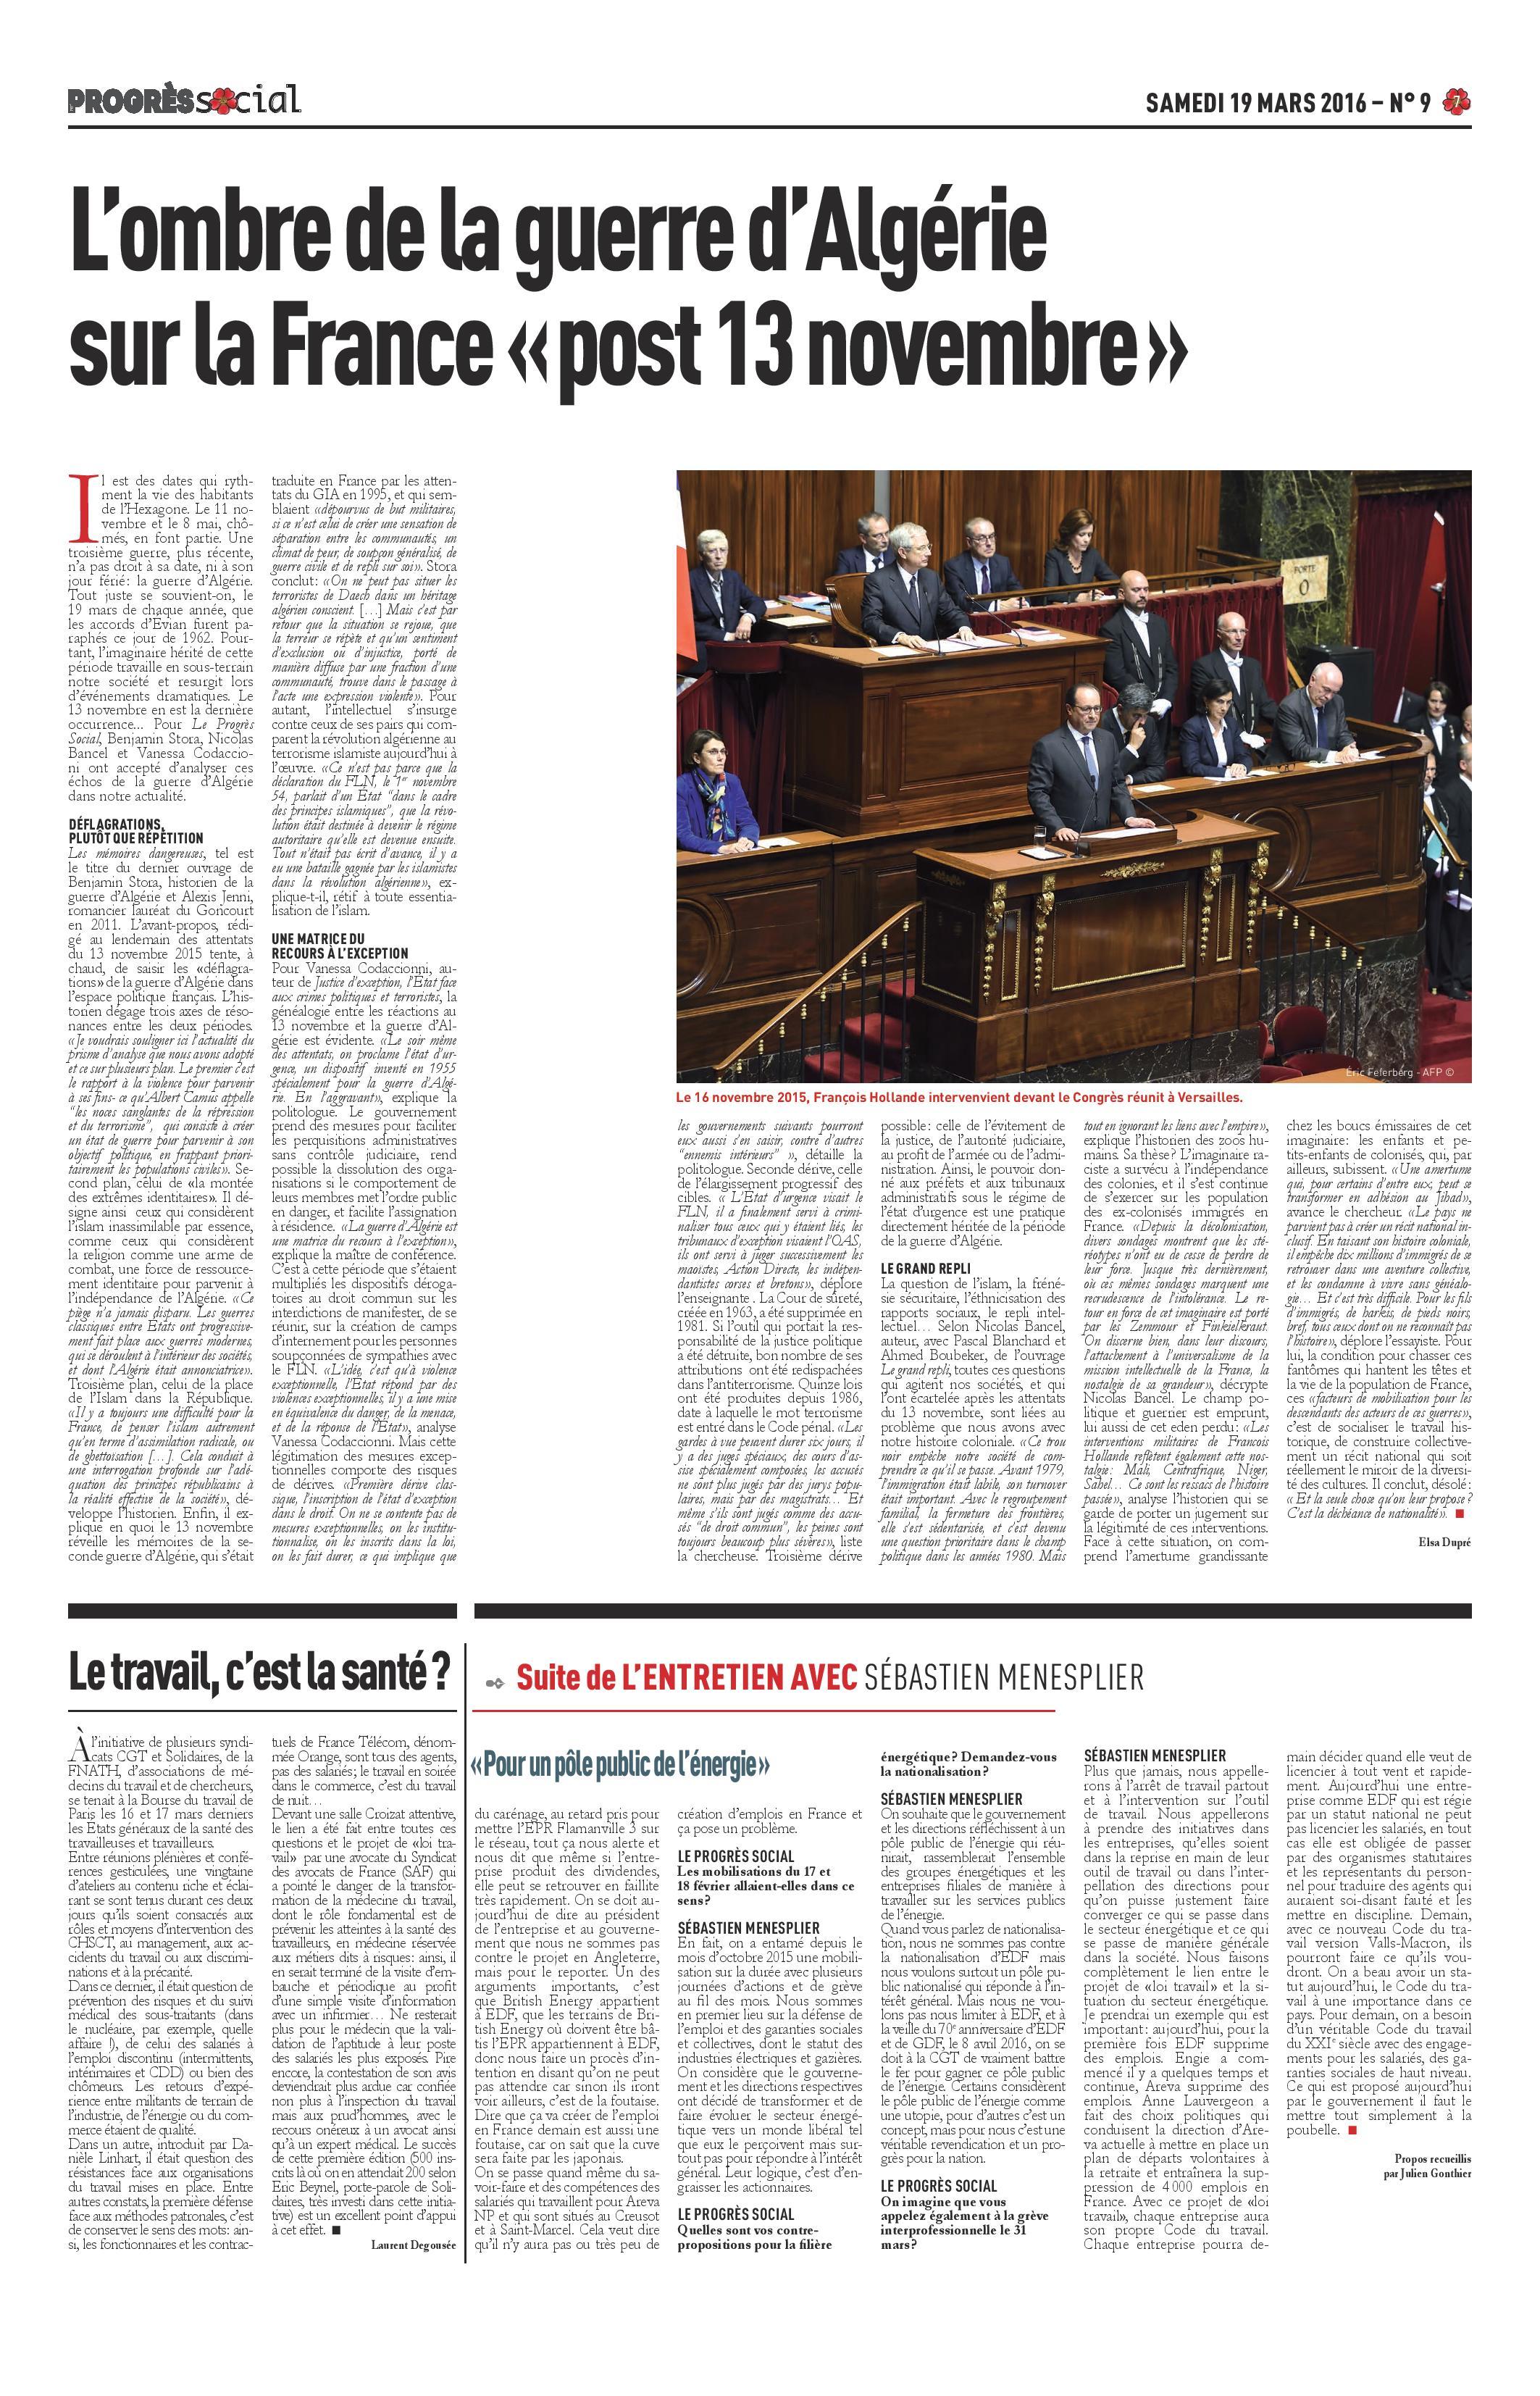 Le Progres social 9 - 19032016-3-3-page-001